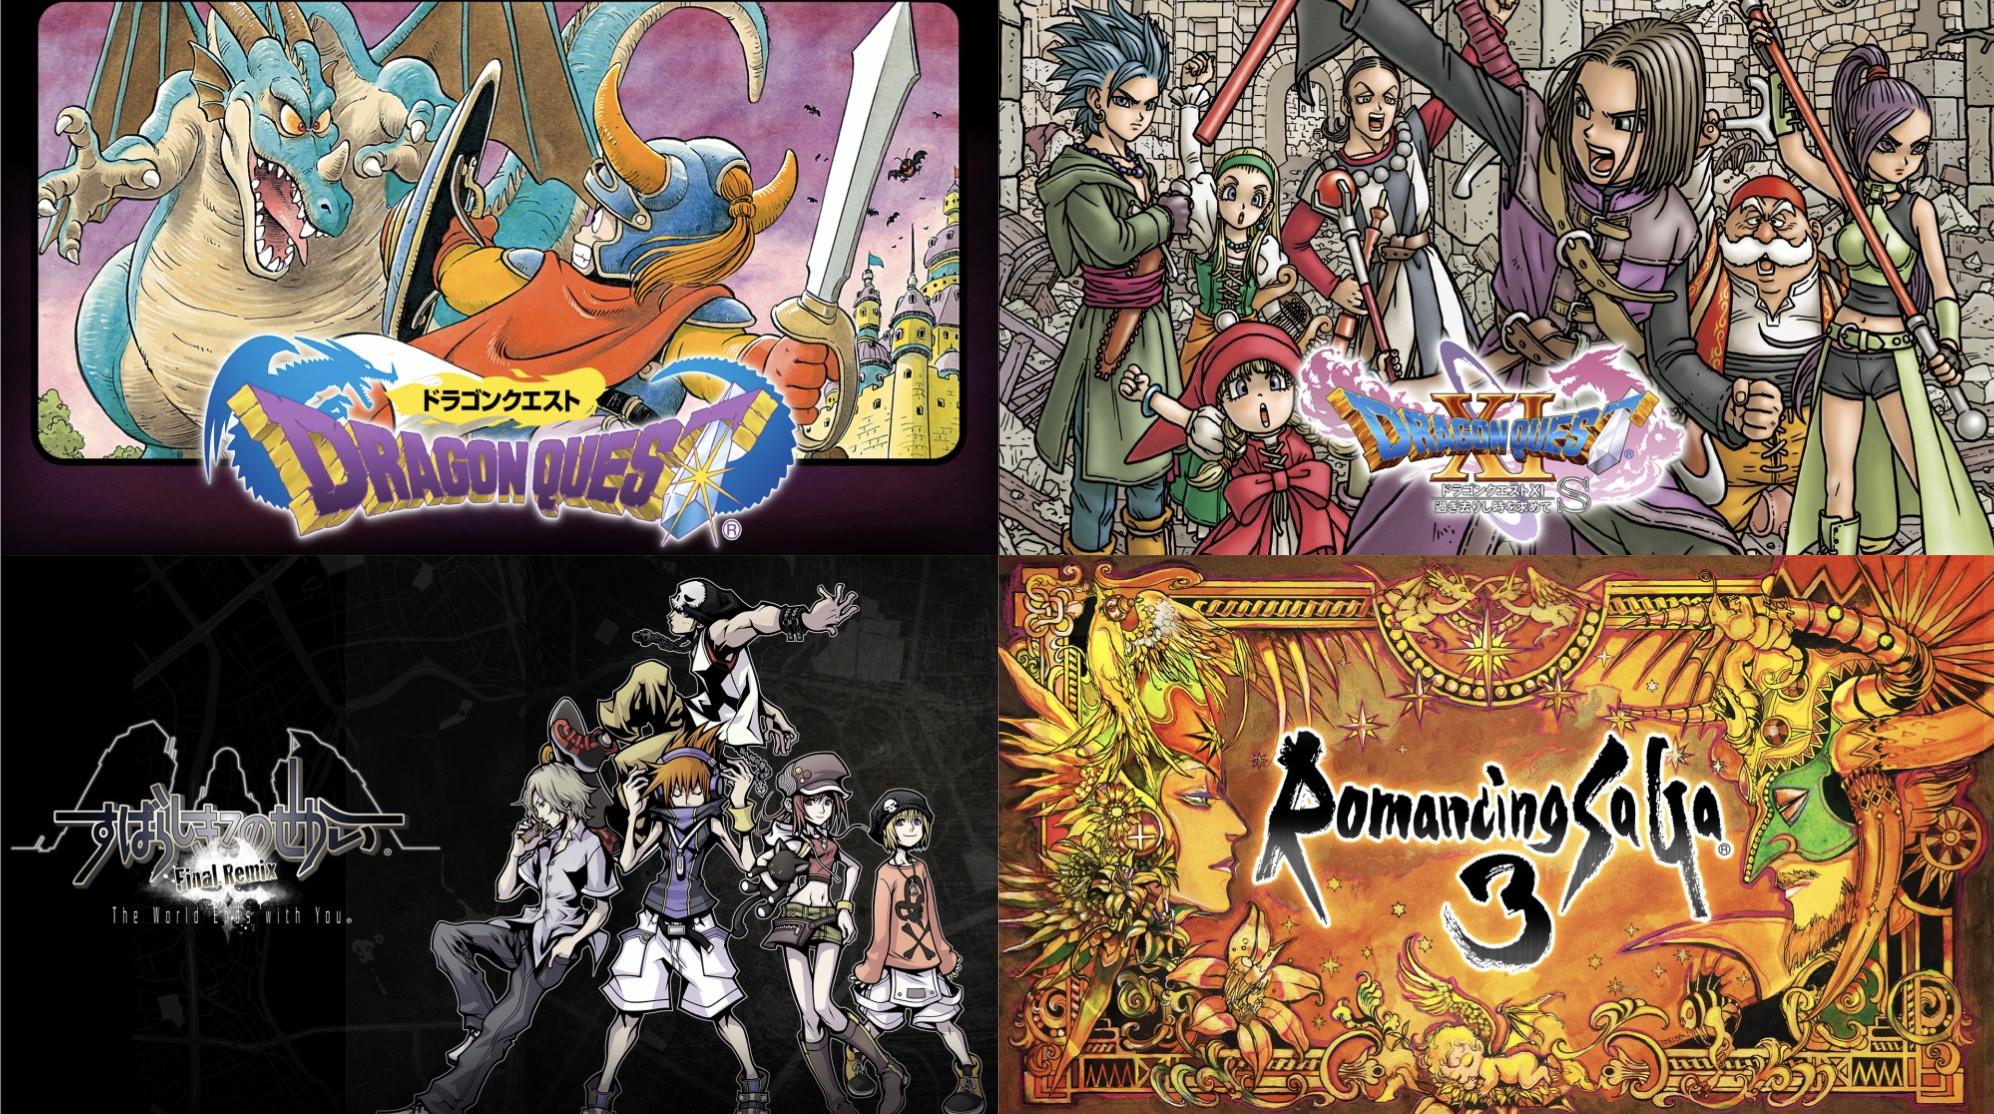 Nintendo Switchセール情報 ドラクエやロマサガなどのスクエニ17作品